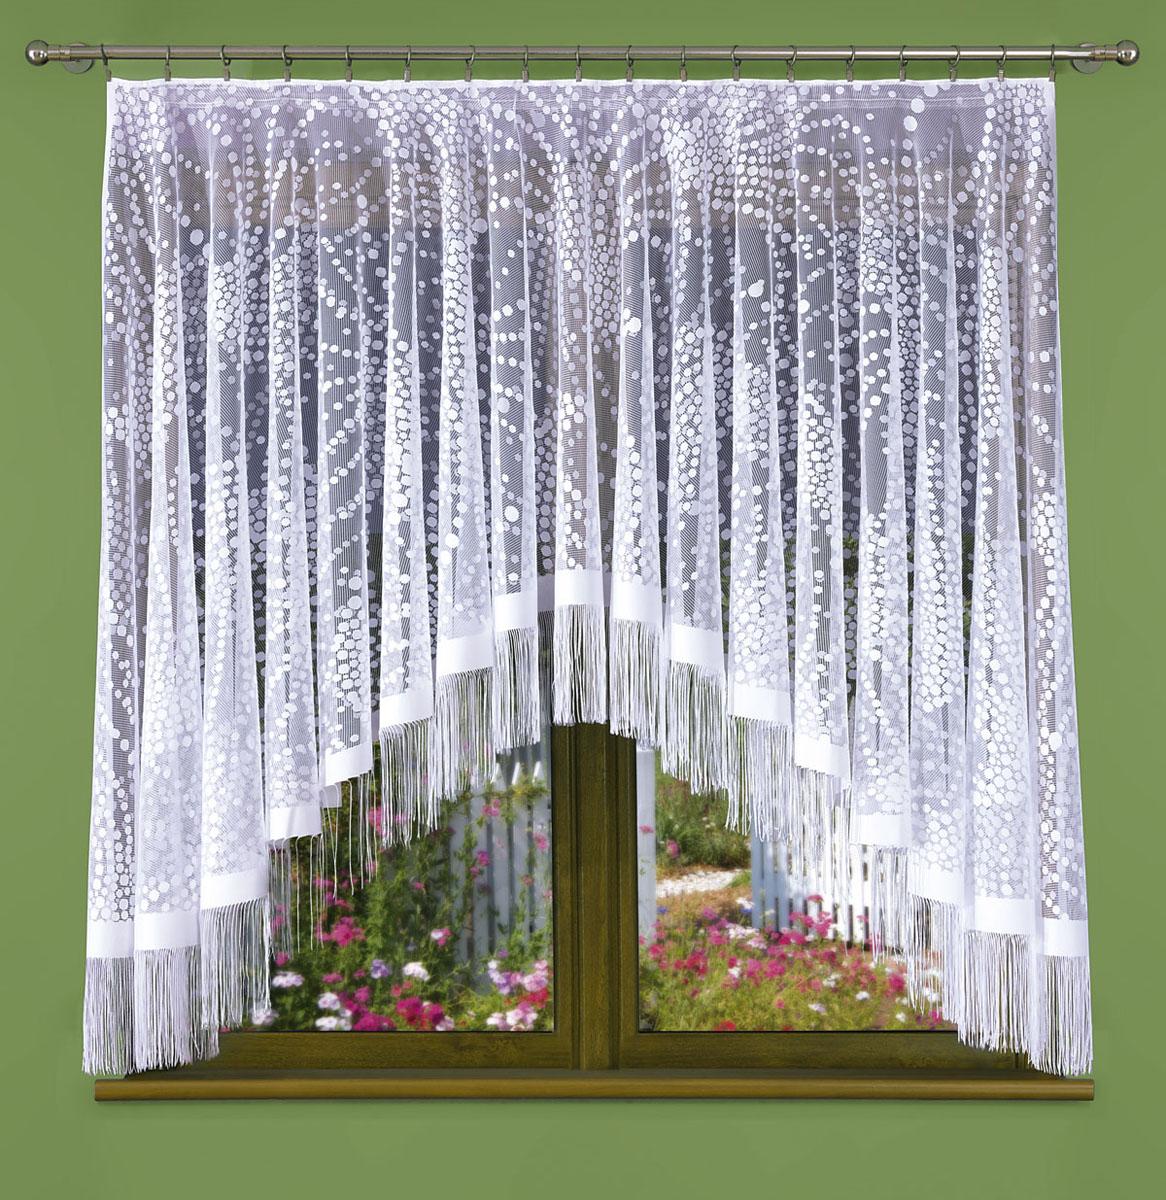 Гардина Wisan, цвет: белый, ширина 170 см, высота 180 см441ЕГардина жаккардовая, крепление зажимы для штор. Размеры: 170*180